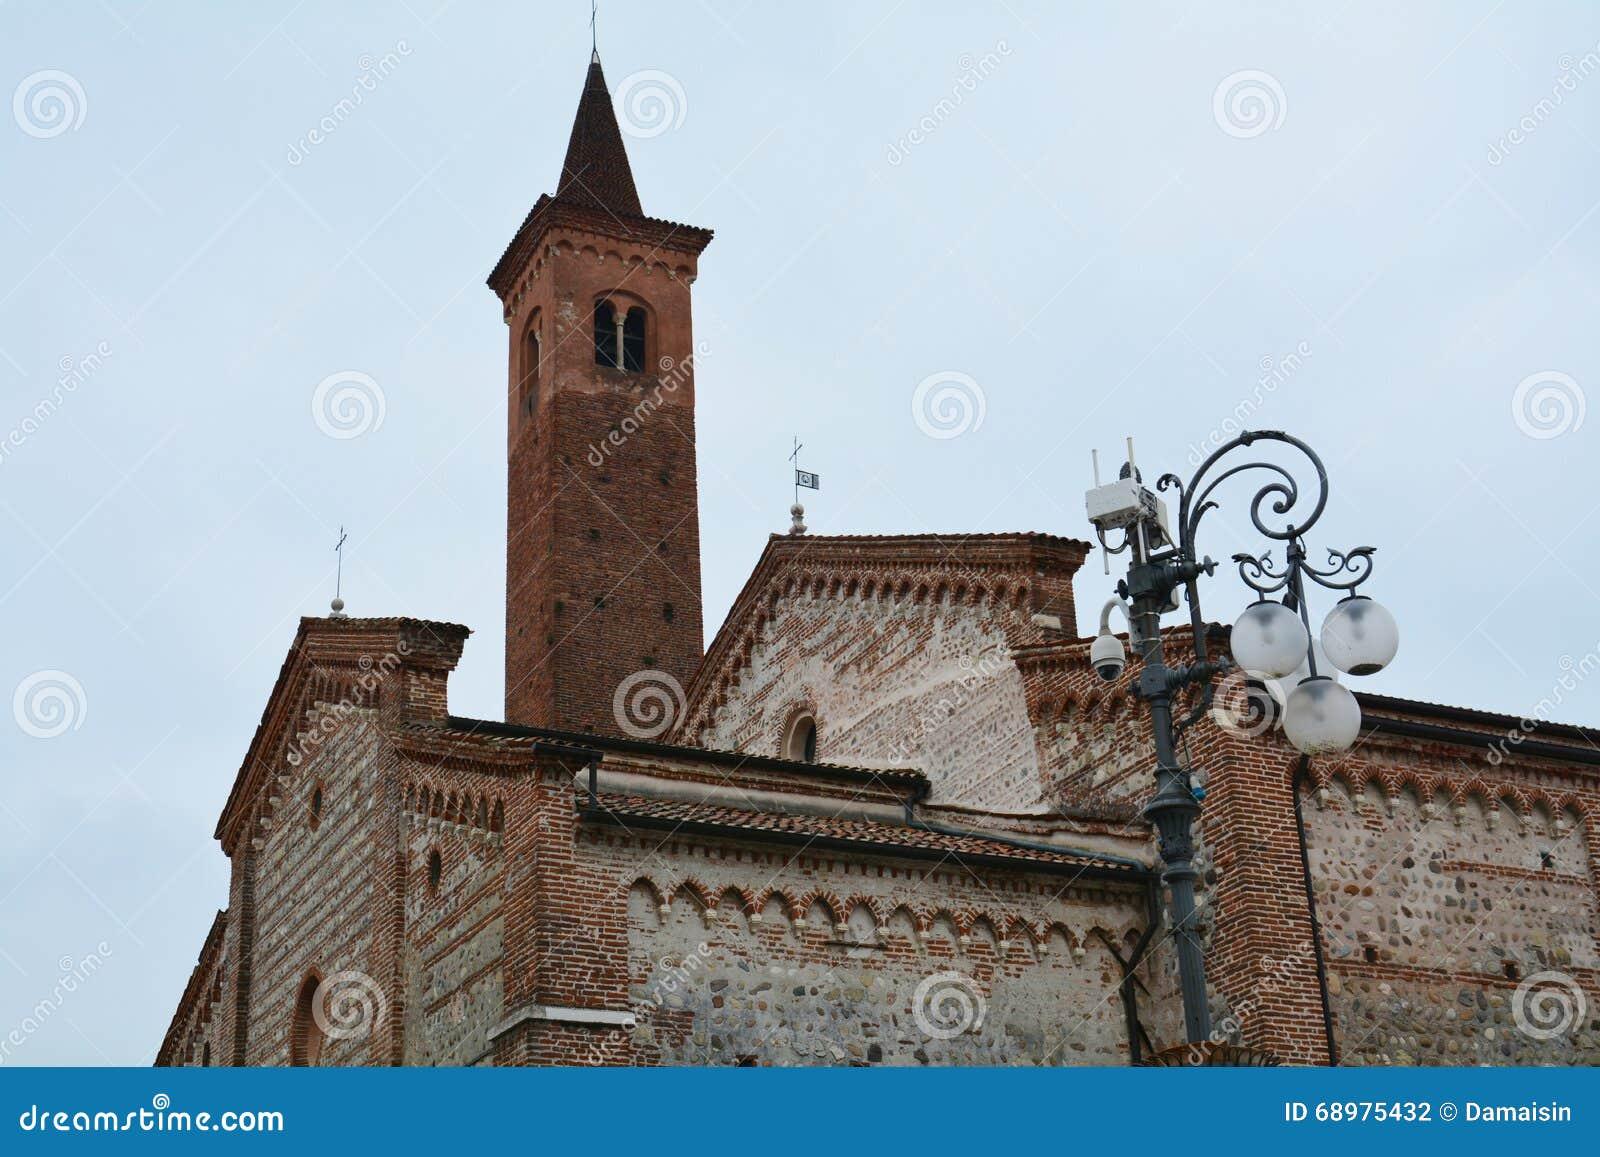 Towre e iglesia, Bassano del Grappa, Italia, Europa